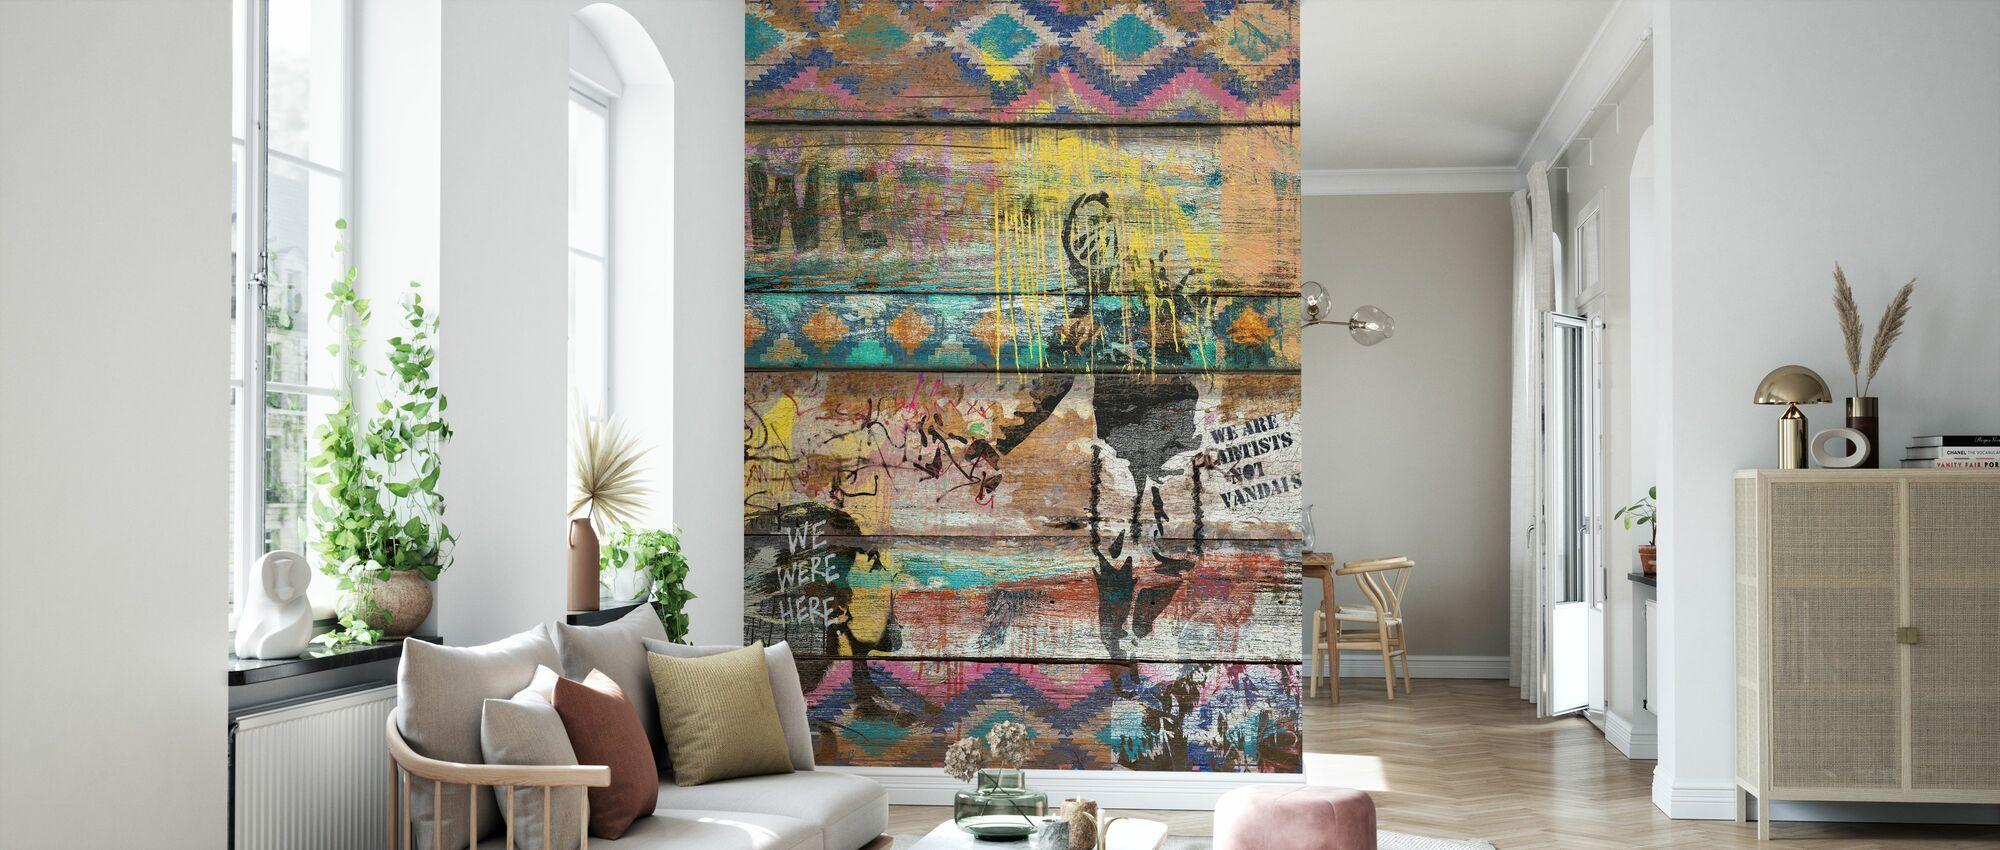 Kunst ist kein Verbrechen - Tapete - Wohnzimmer